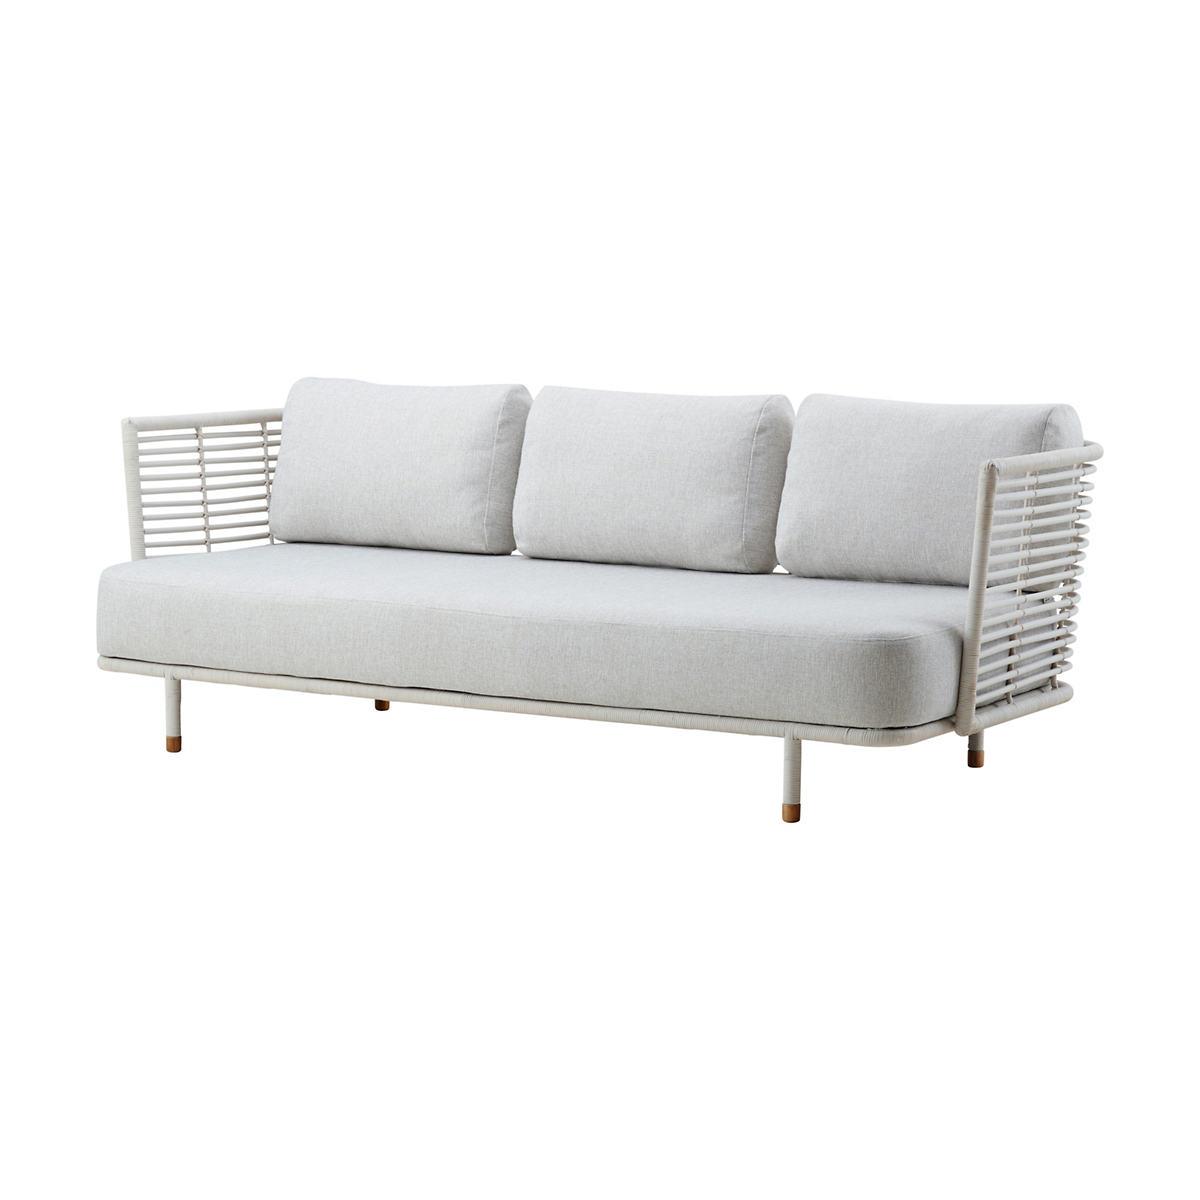 White/Grey Sense 3 Seater Sofa